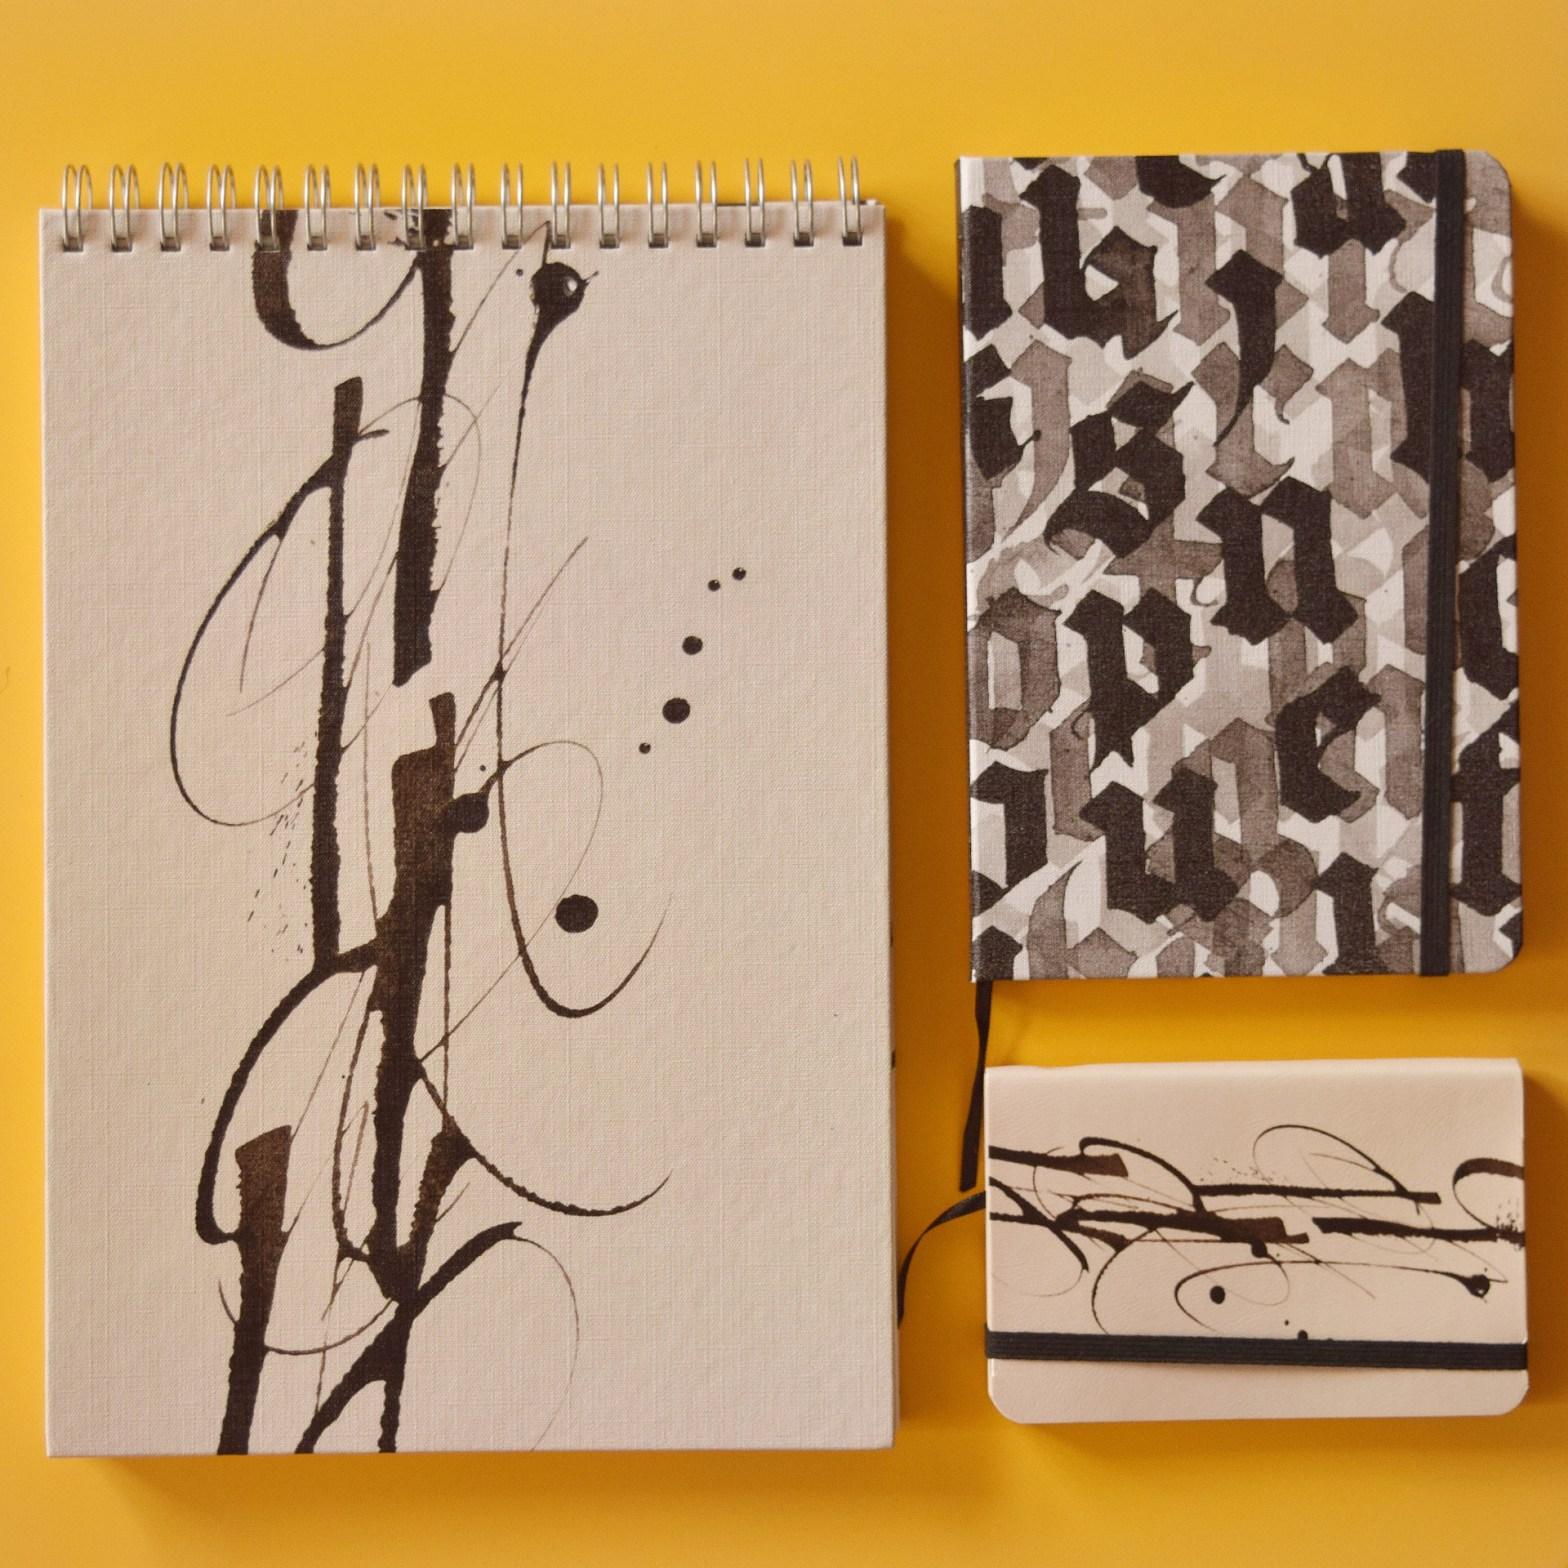 Os três modelos de cadernos da Taccbook assinados por Ivan Jerônimo, sobre fundo amarelo